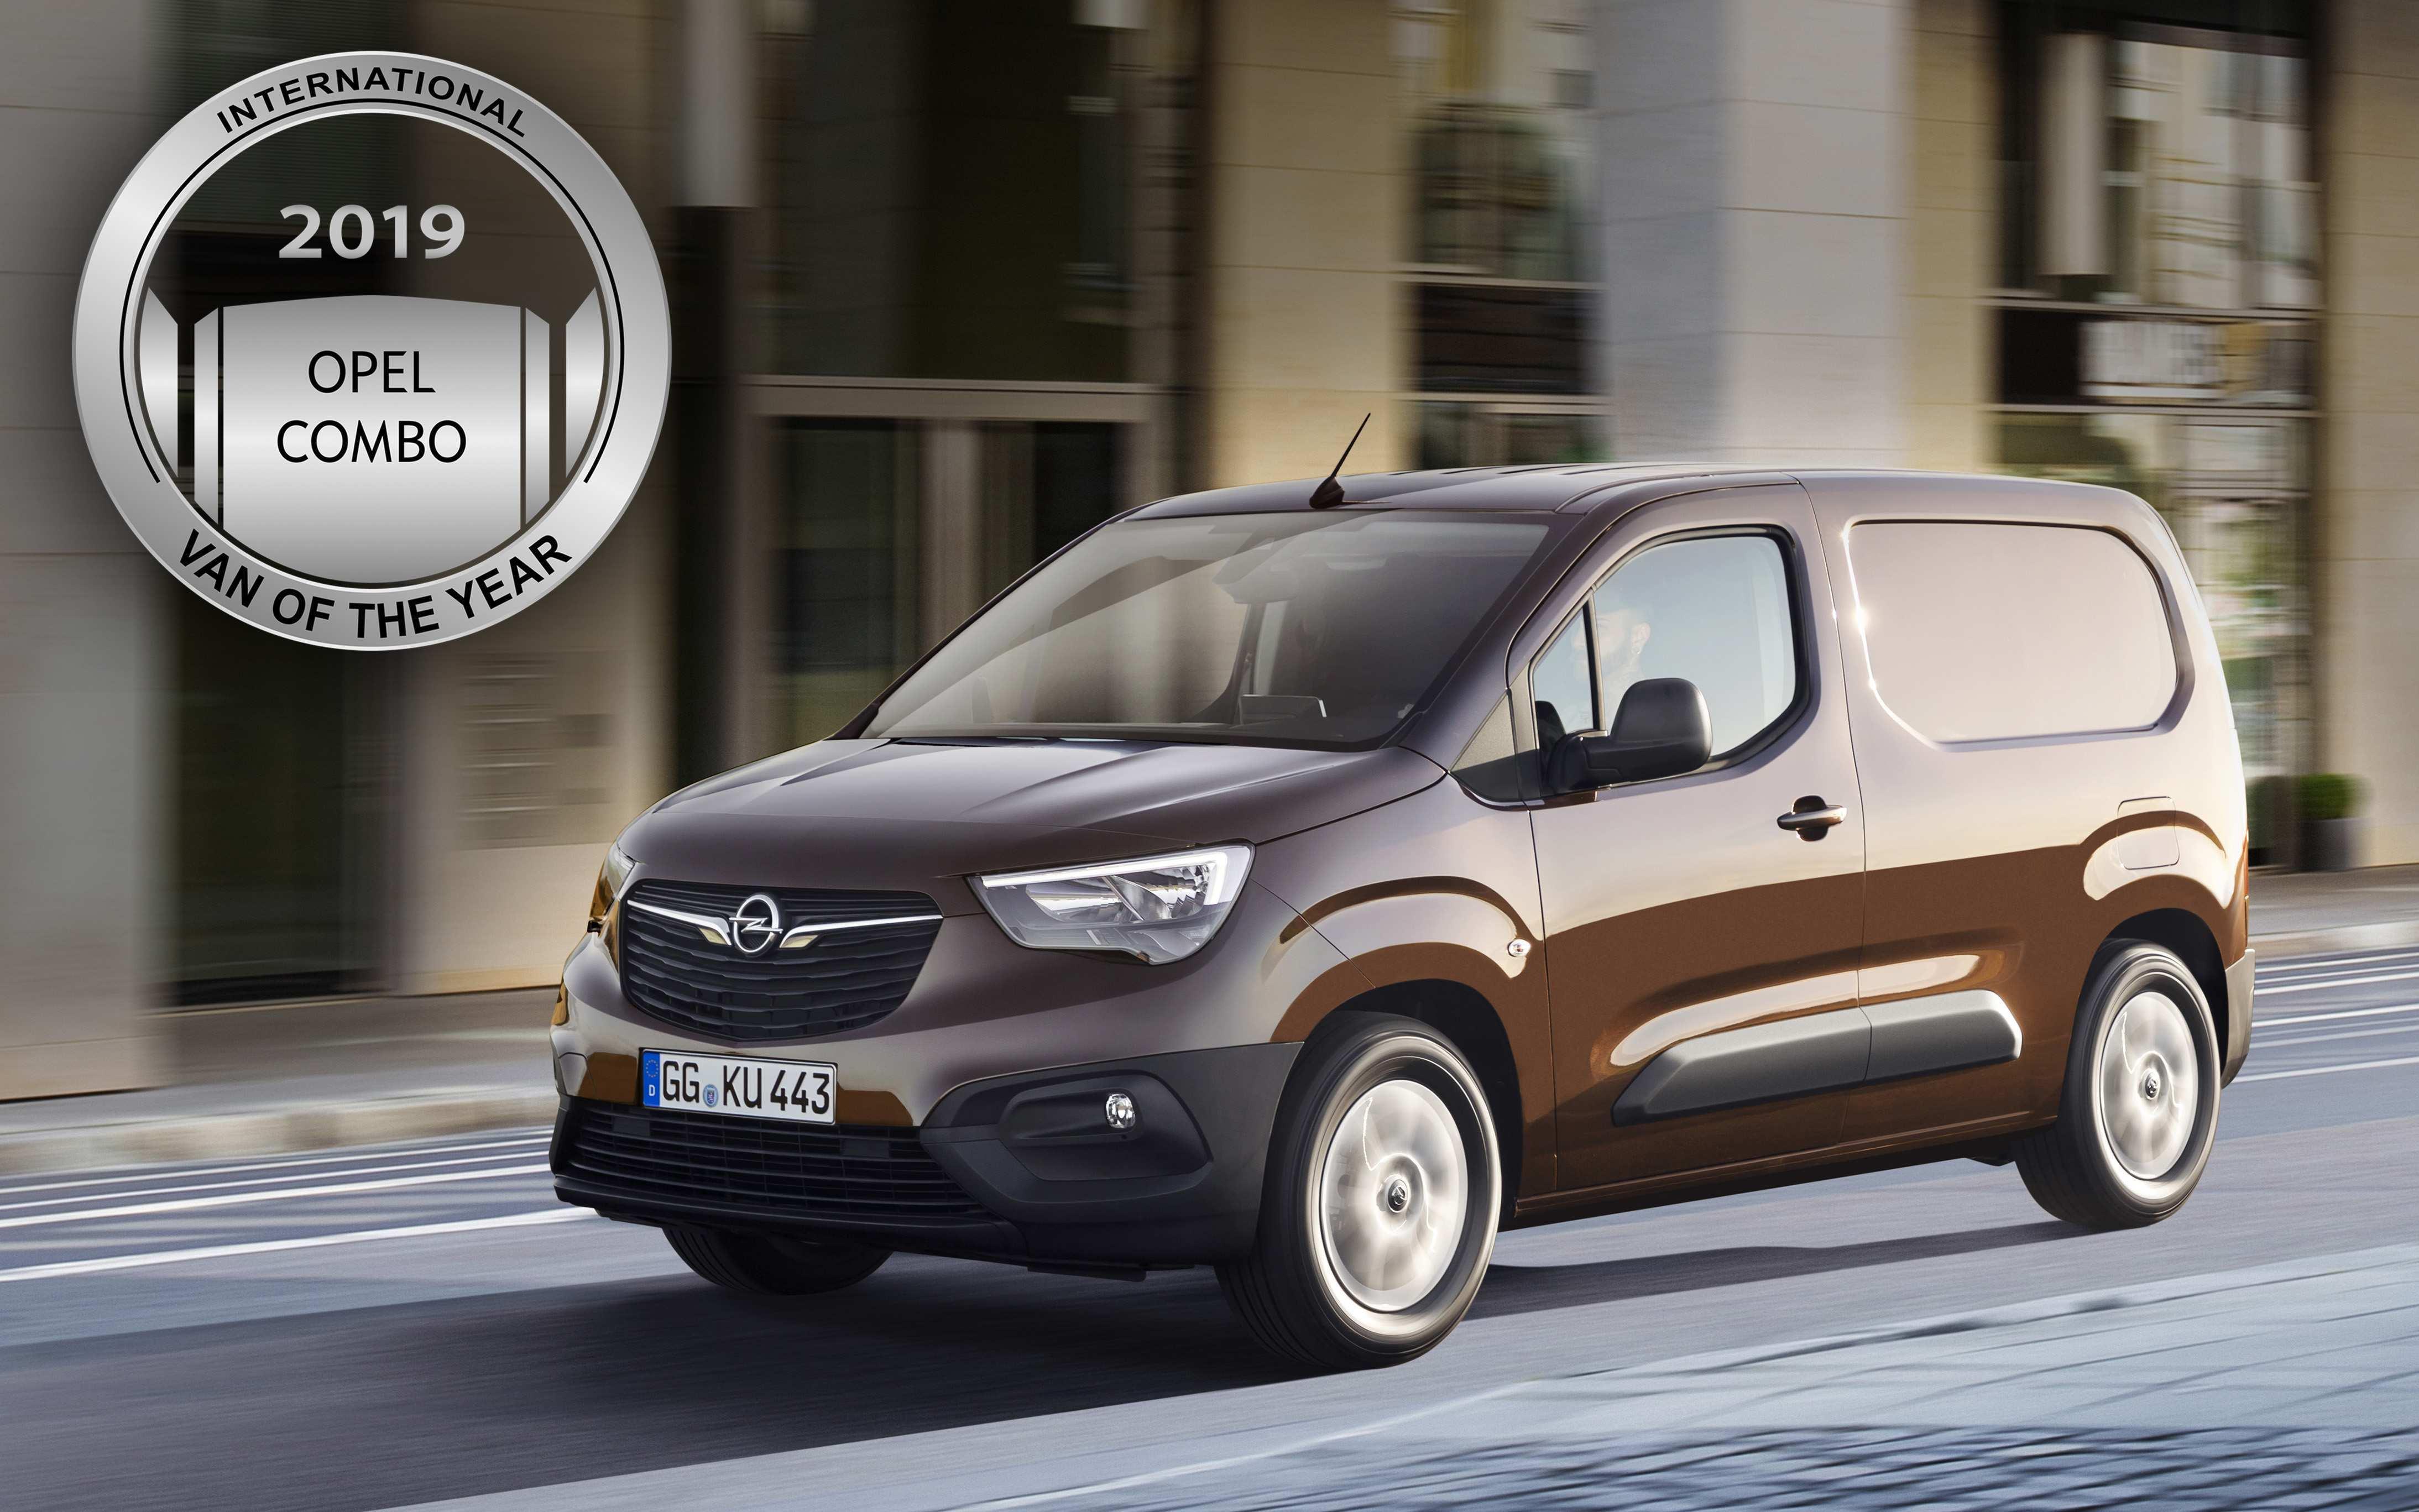 97 Gallery of Opel Modellen 2019 Pictures by Opel Modellen 2019